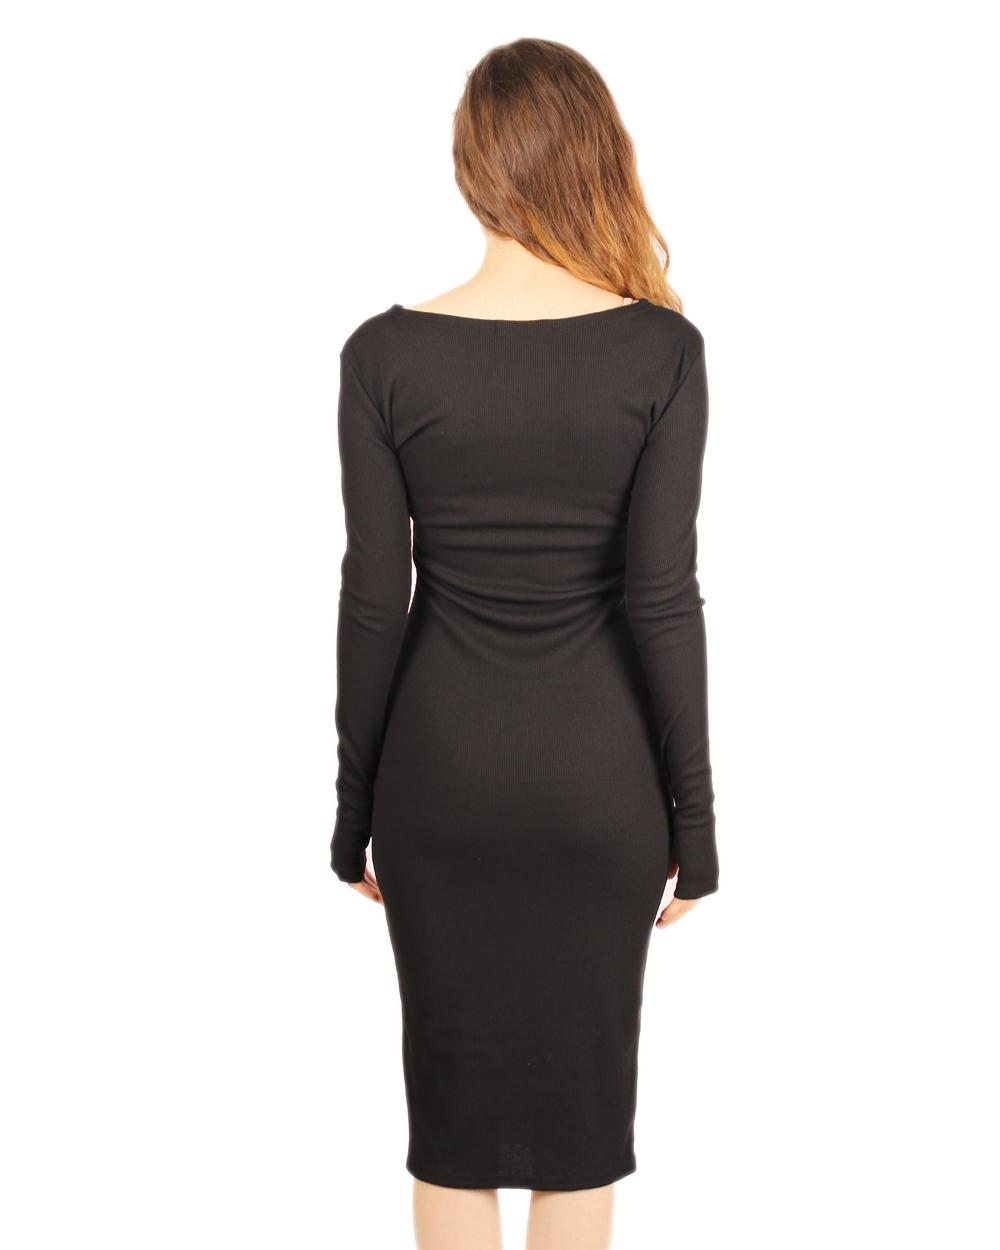 Купить Черное Трикотажное Платье Ниже Колена